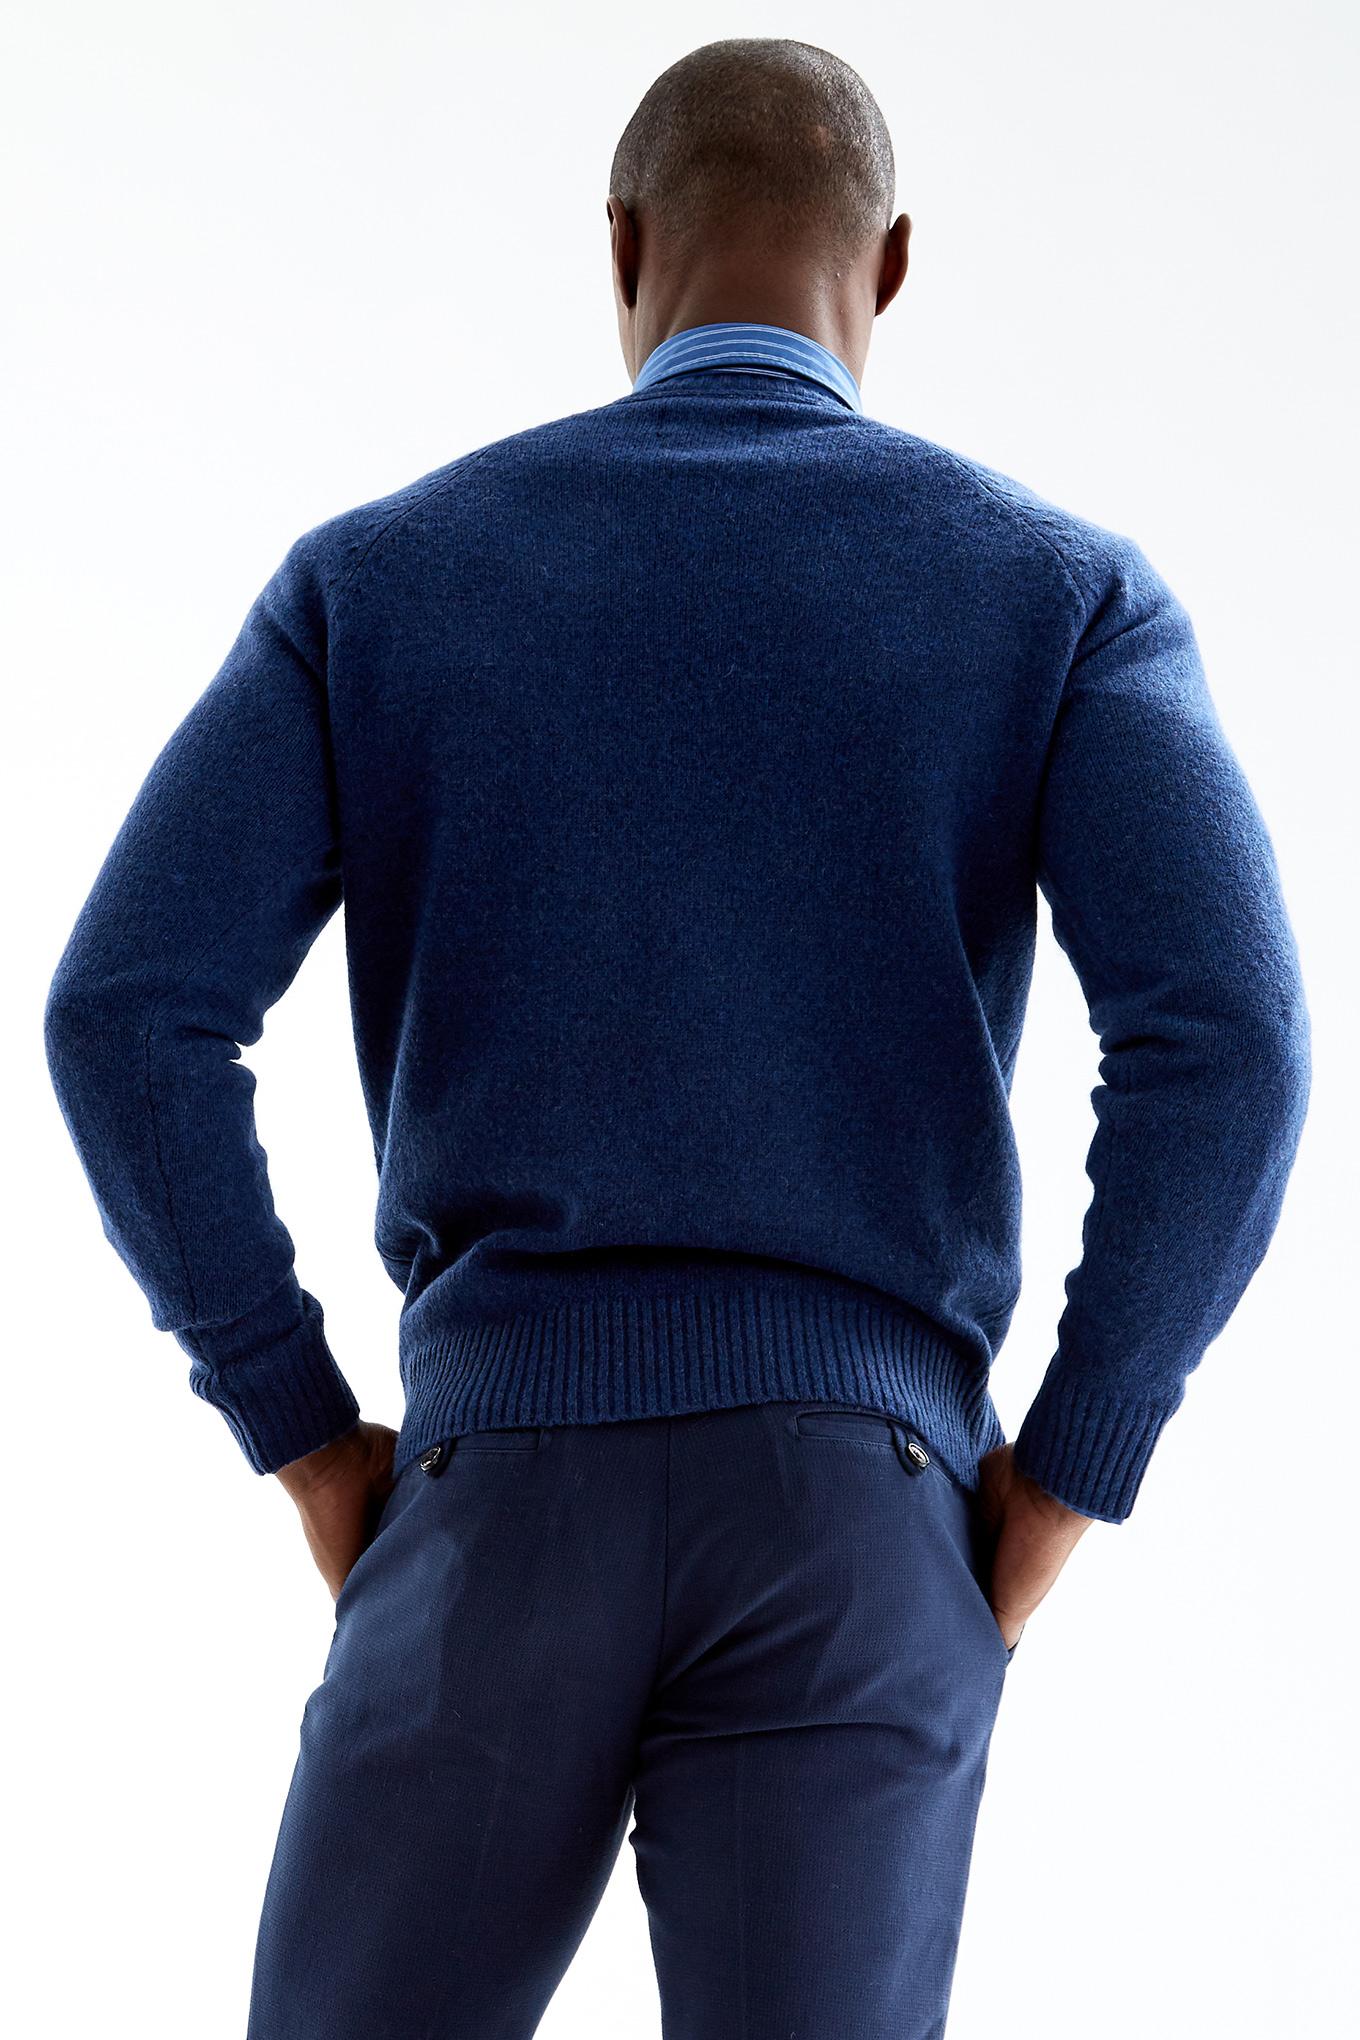 Malha Azul Royal Casual Homem